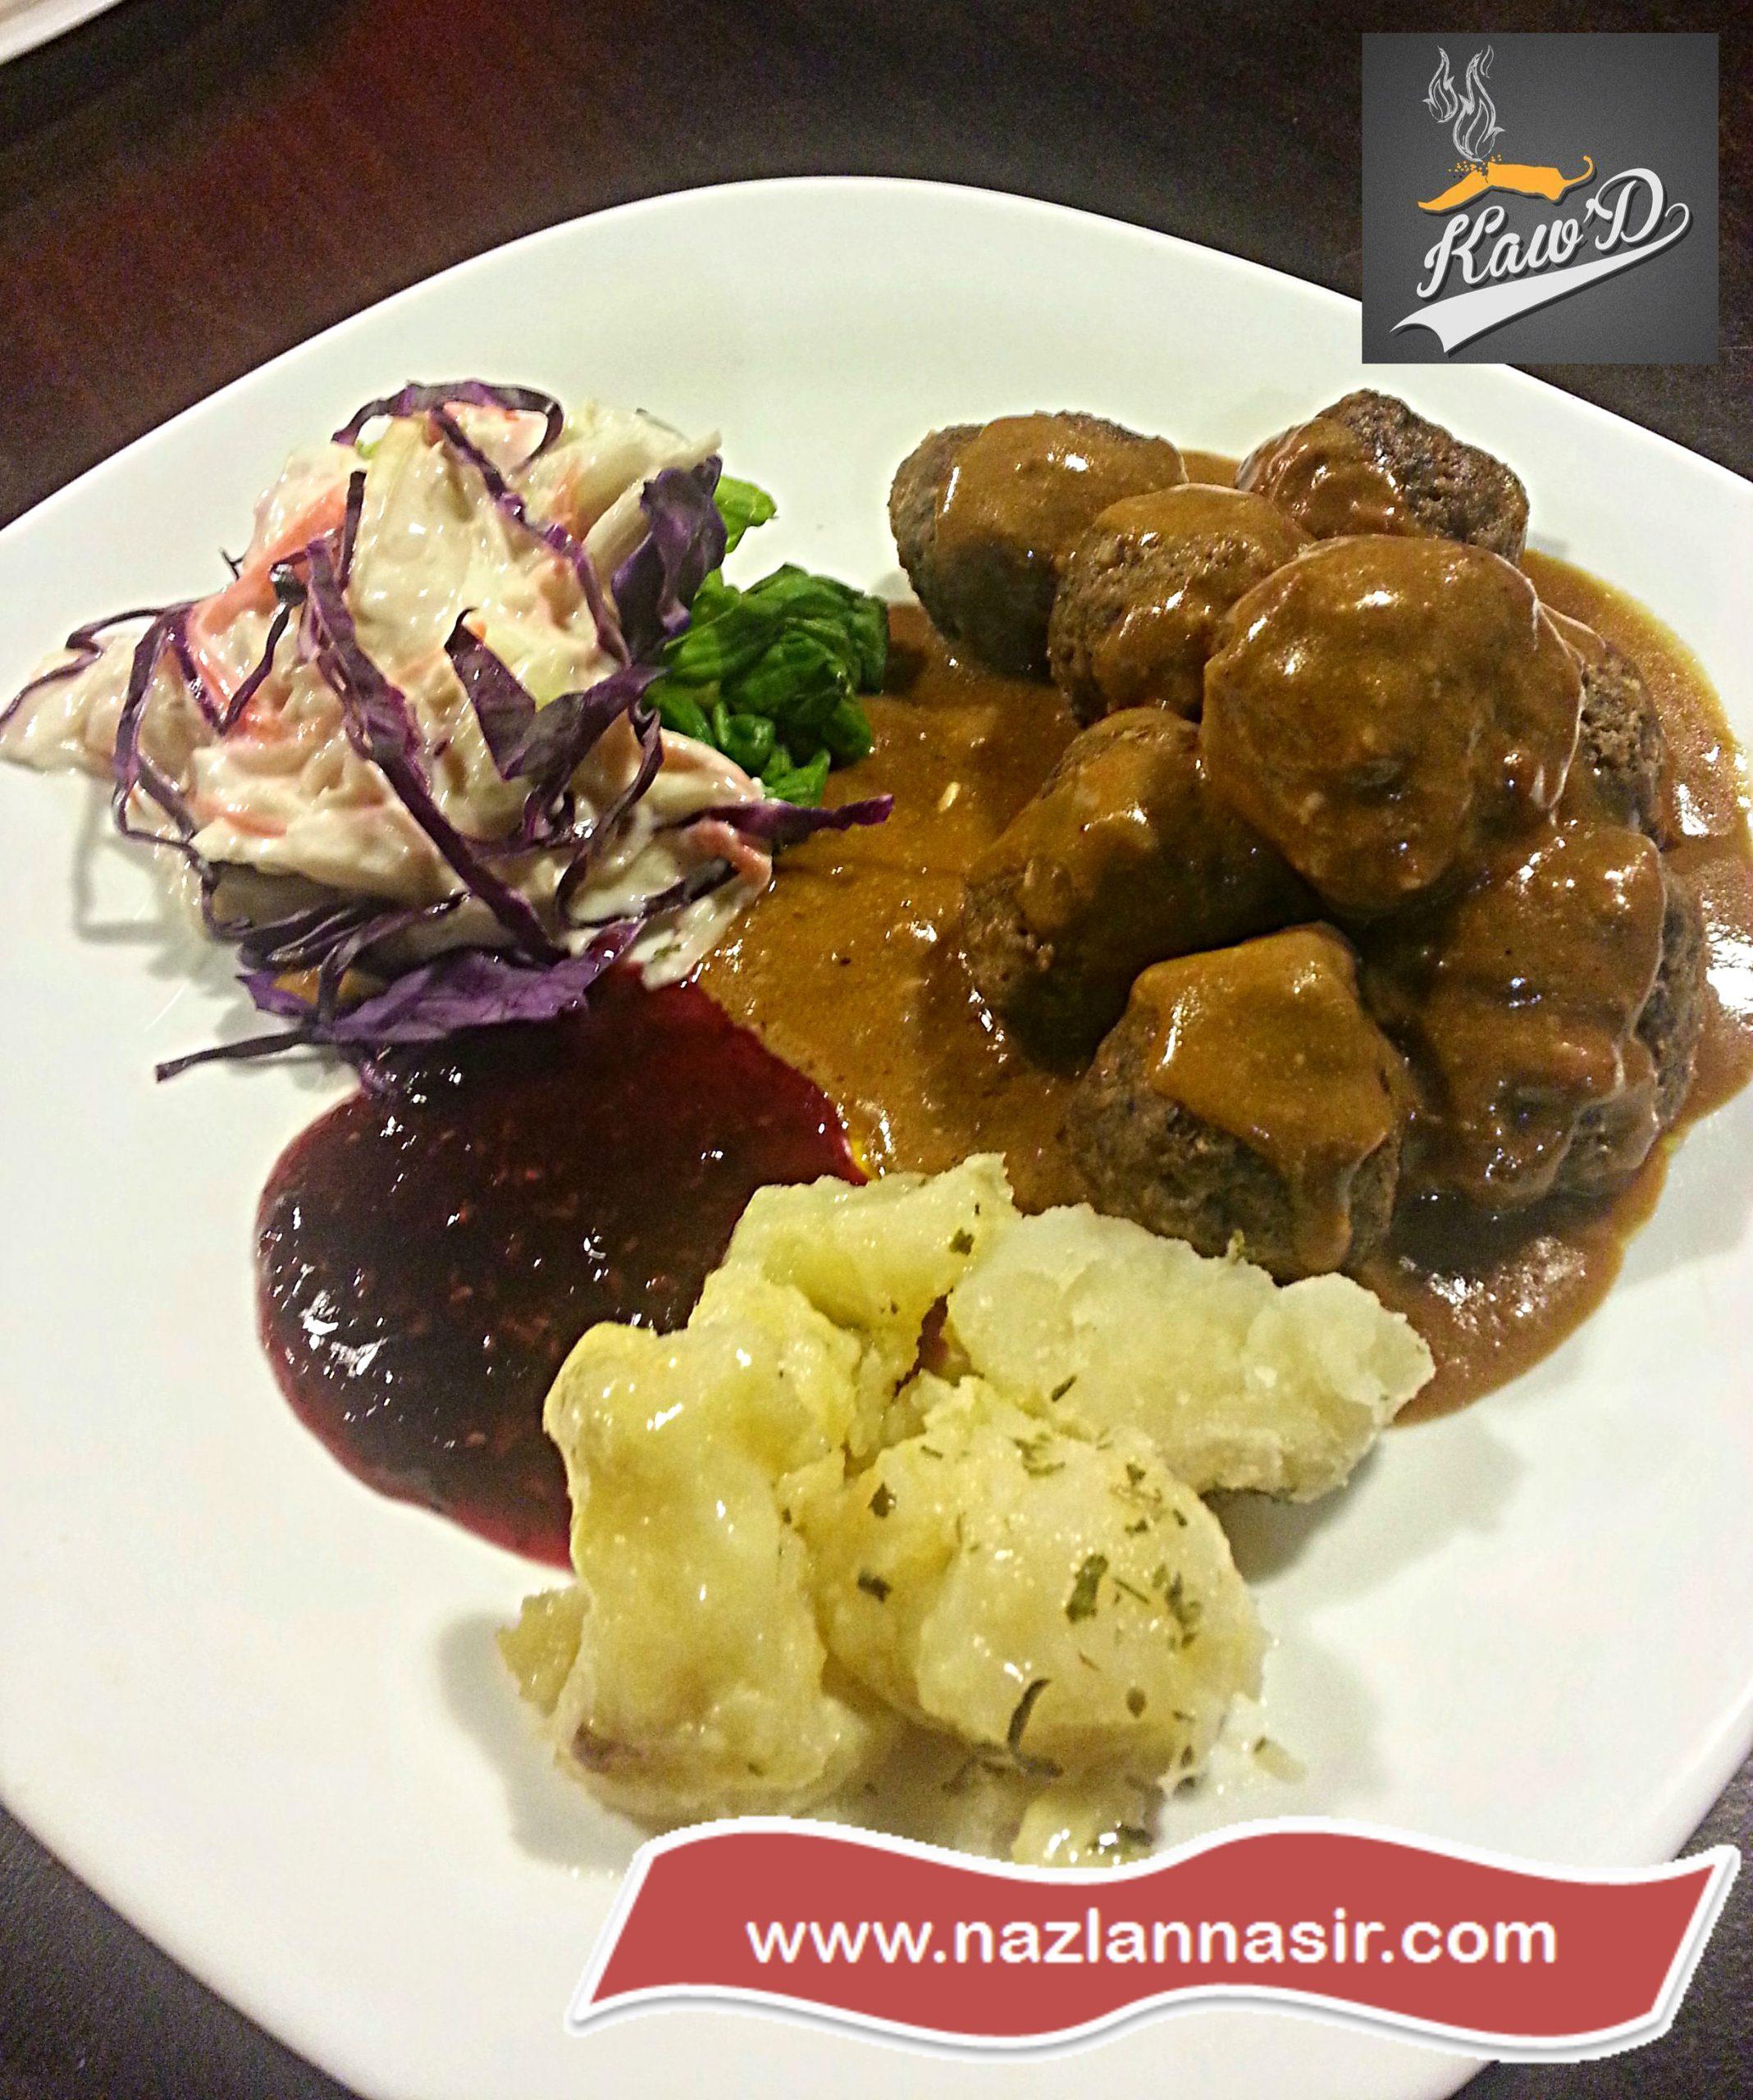 Kaw'D Beef Meat Ball (Australian)